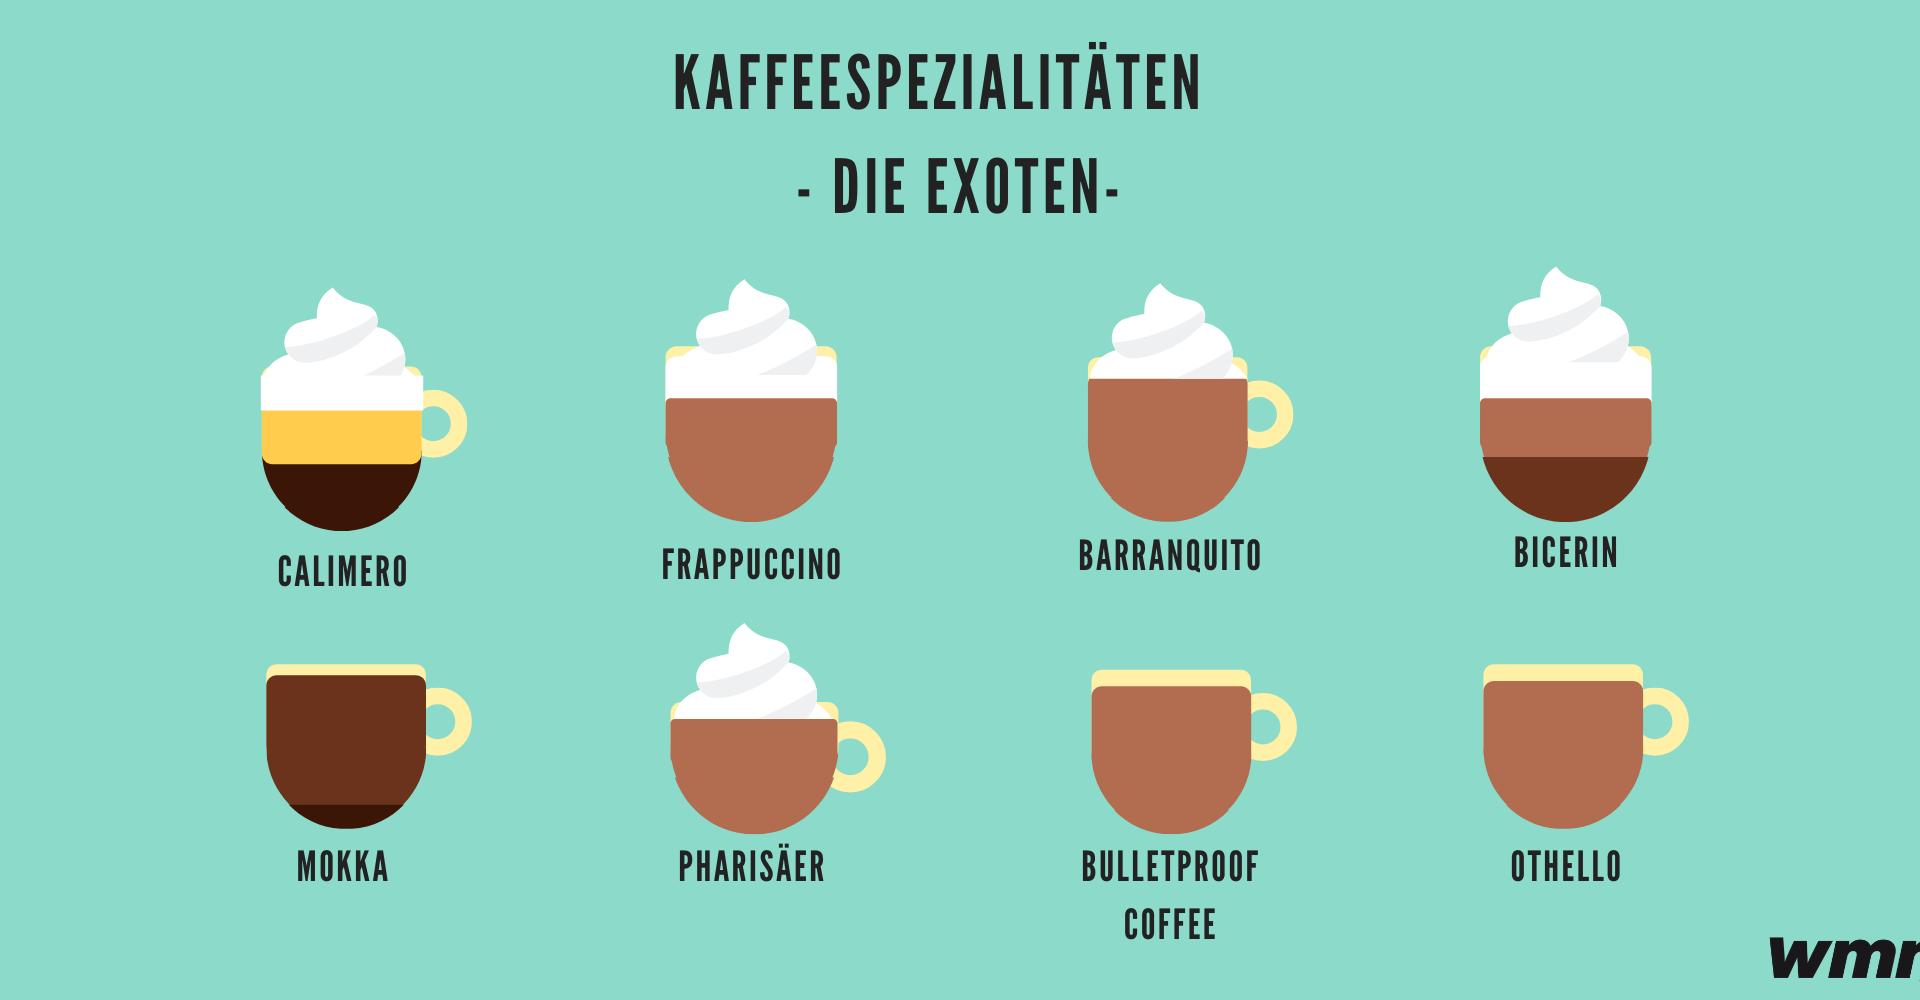 Kaffee spezialitäten übersicht exotisch